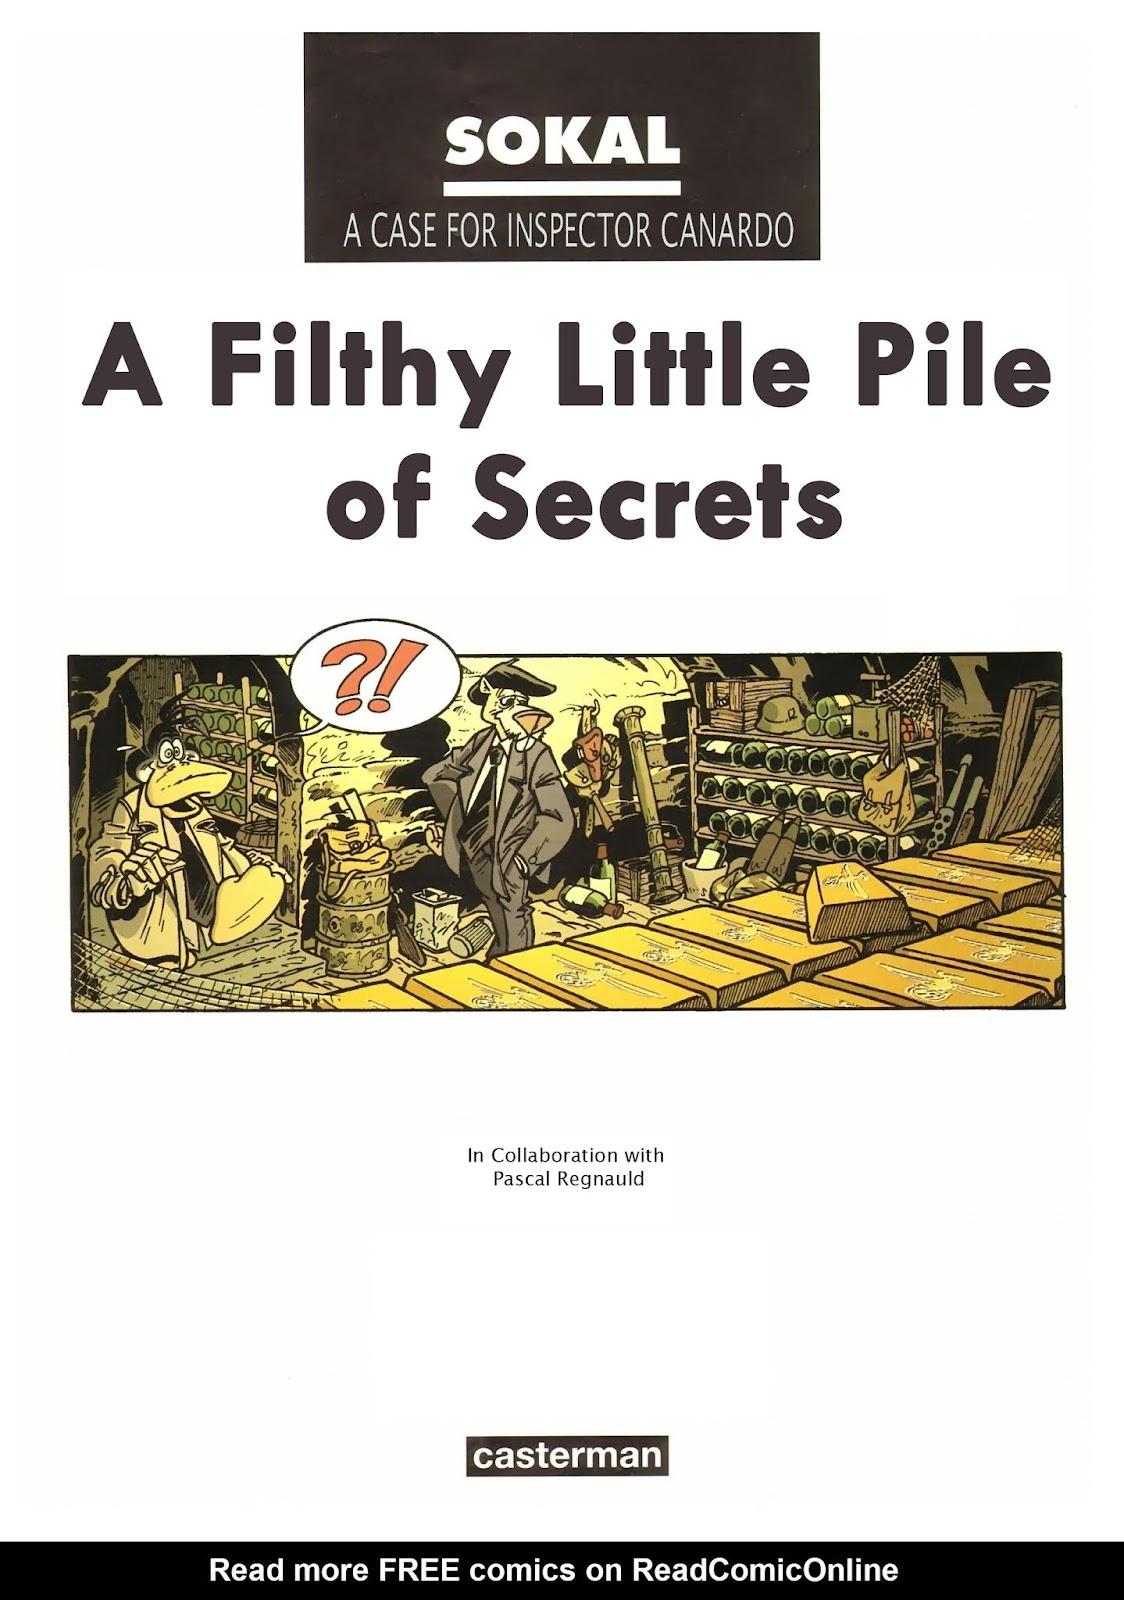 Une enquête de l'inspecteur Canardo issue 11 - Page 2